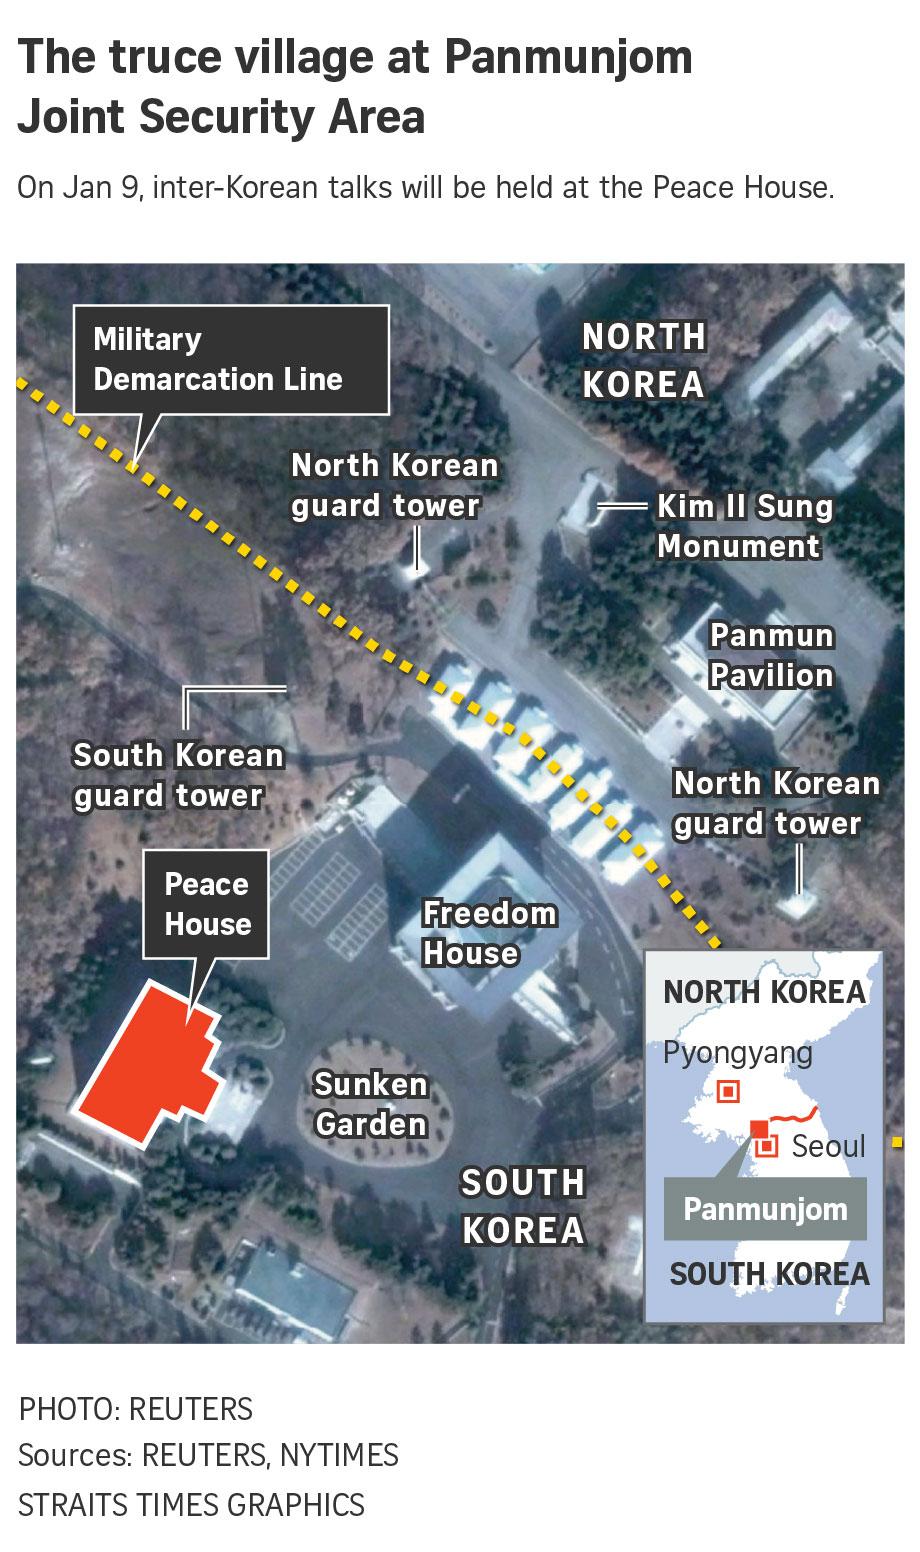 ทหารเกาหลีเหนือแปรพักตร์ข้ามแดนซบ 'เกาหลีใต้' อีกราย